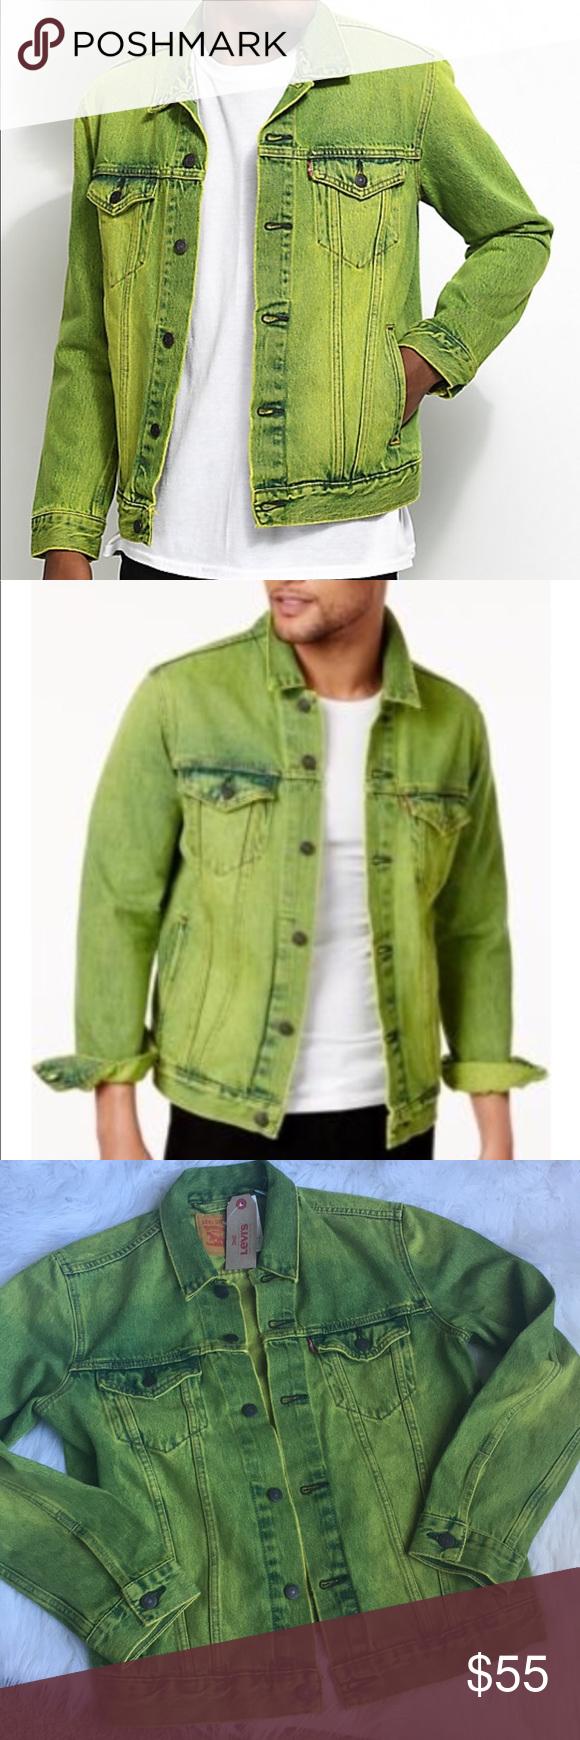 Men S Neon Green Jean Jacket Green Jean Jacket Green Denim Jacket Denim Jacket Men [ 1740 x 580 Pixel ]